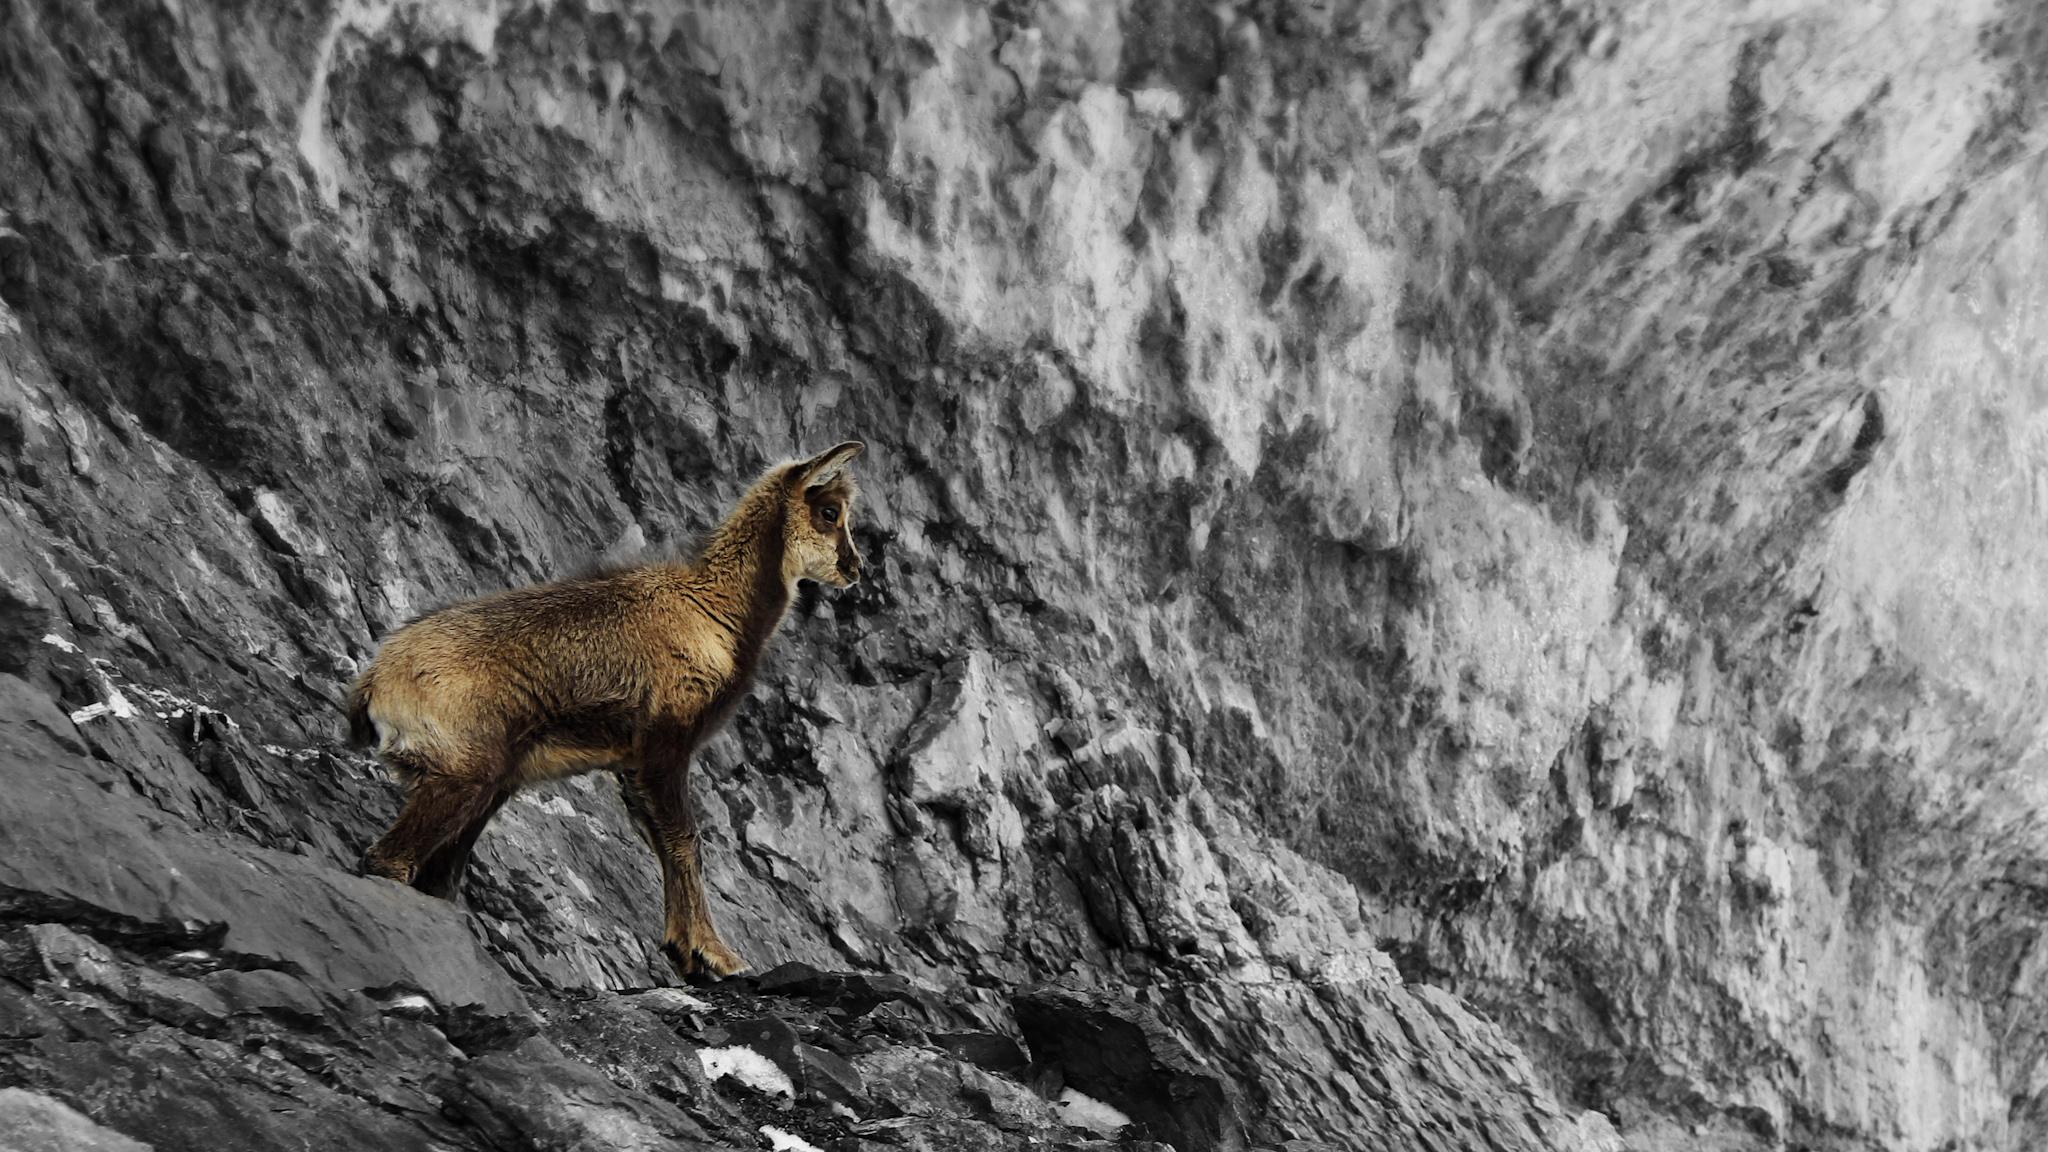 Cría de Sarrio - Paisajes del valle - Fotos del Valle del Aragón, Mikel Besga